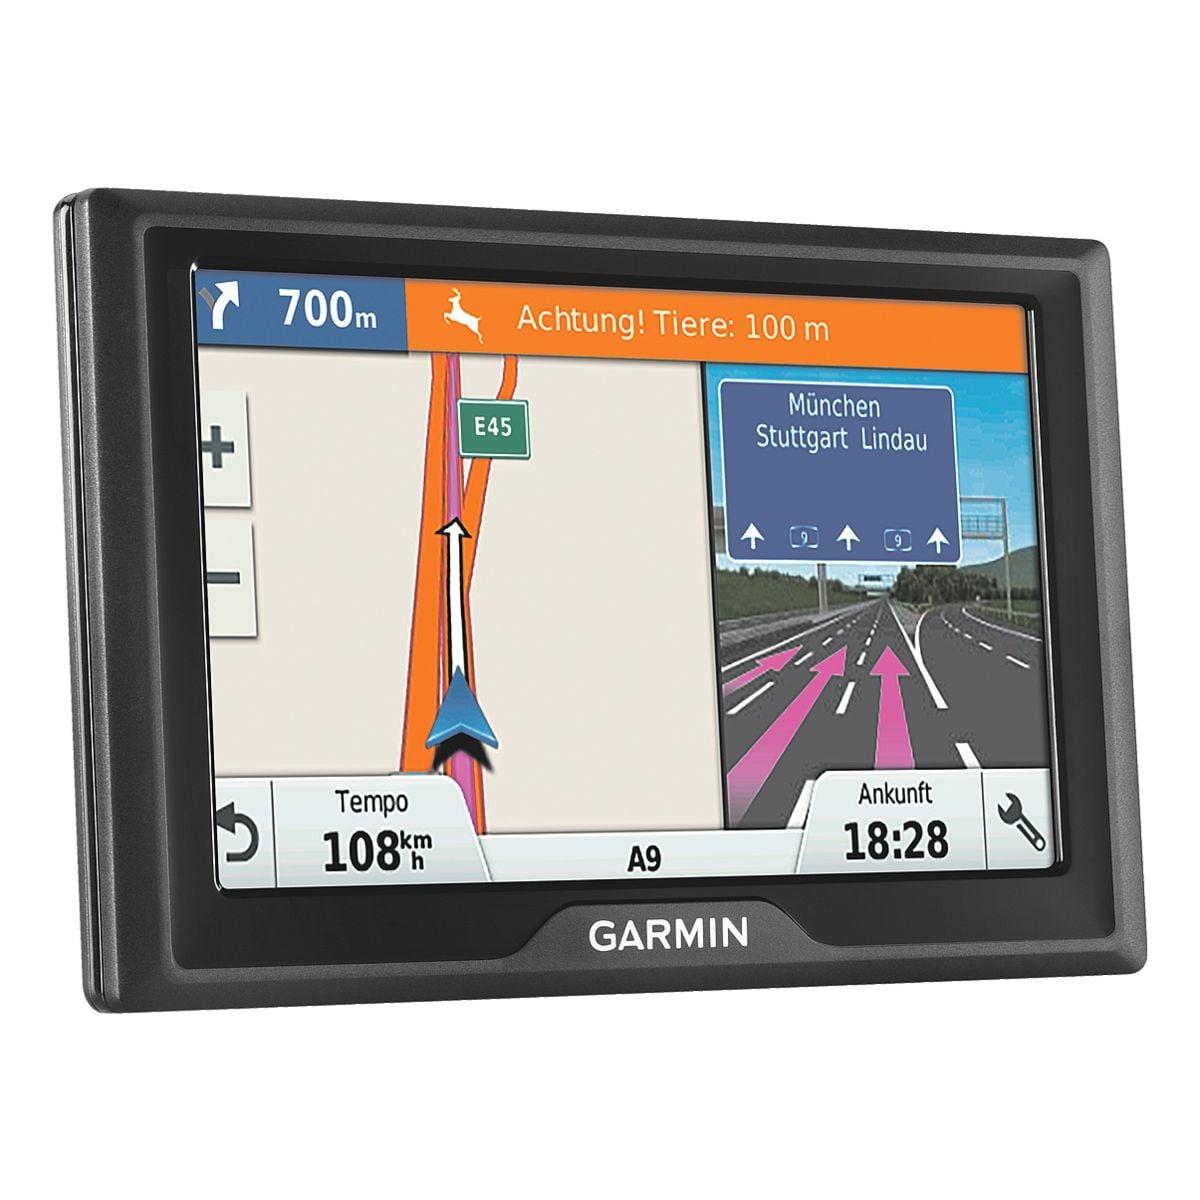 navigationsger t garmin drive 40 ce lmt 10 9 cm 4 3. Black Bedroom Furniture Sets. Home Design Ideas